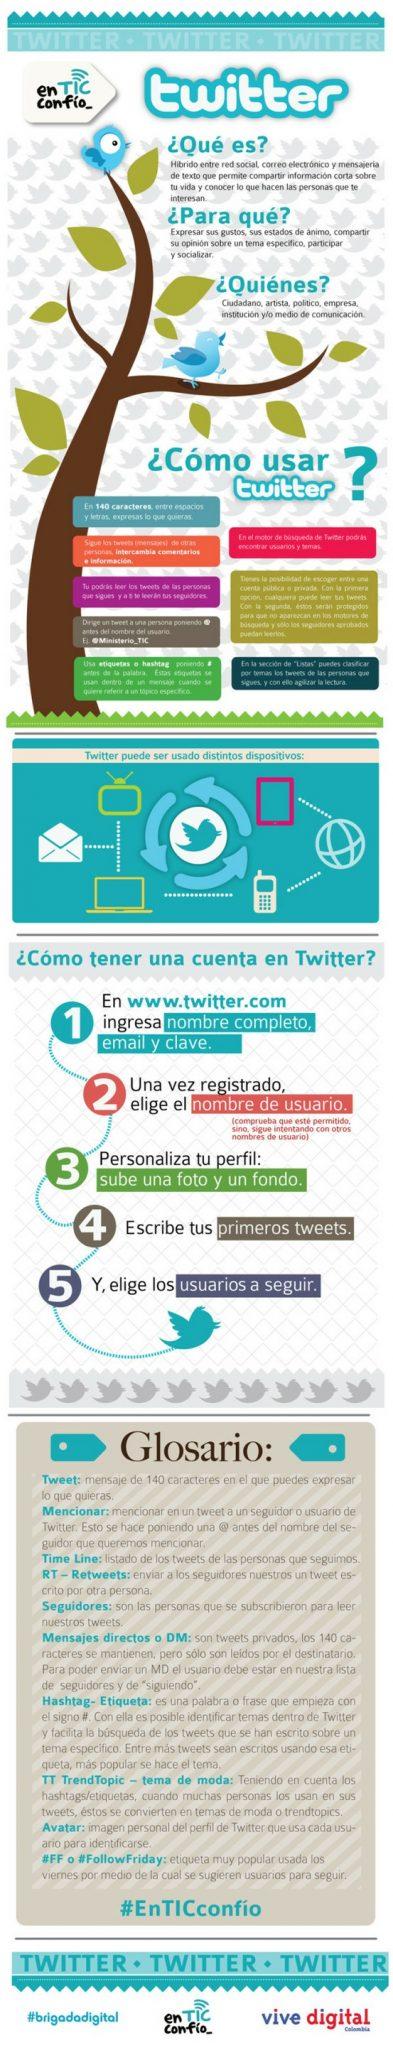 Infografía Twitter para principiantes¿Qué es?¿Para qué?¿Quiénes? con Vocabulario